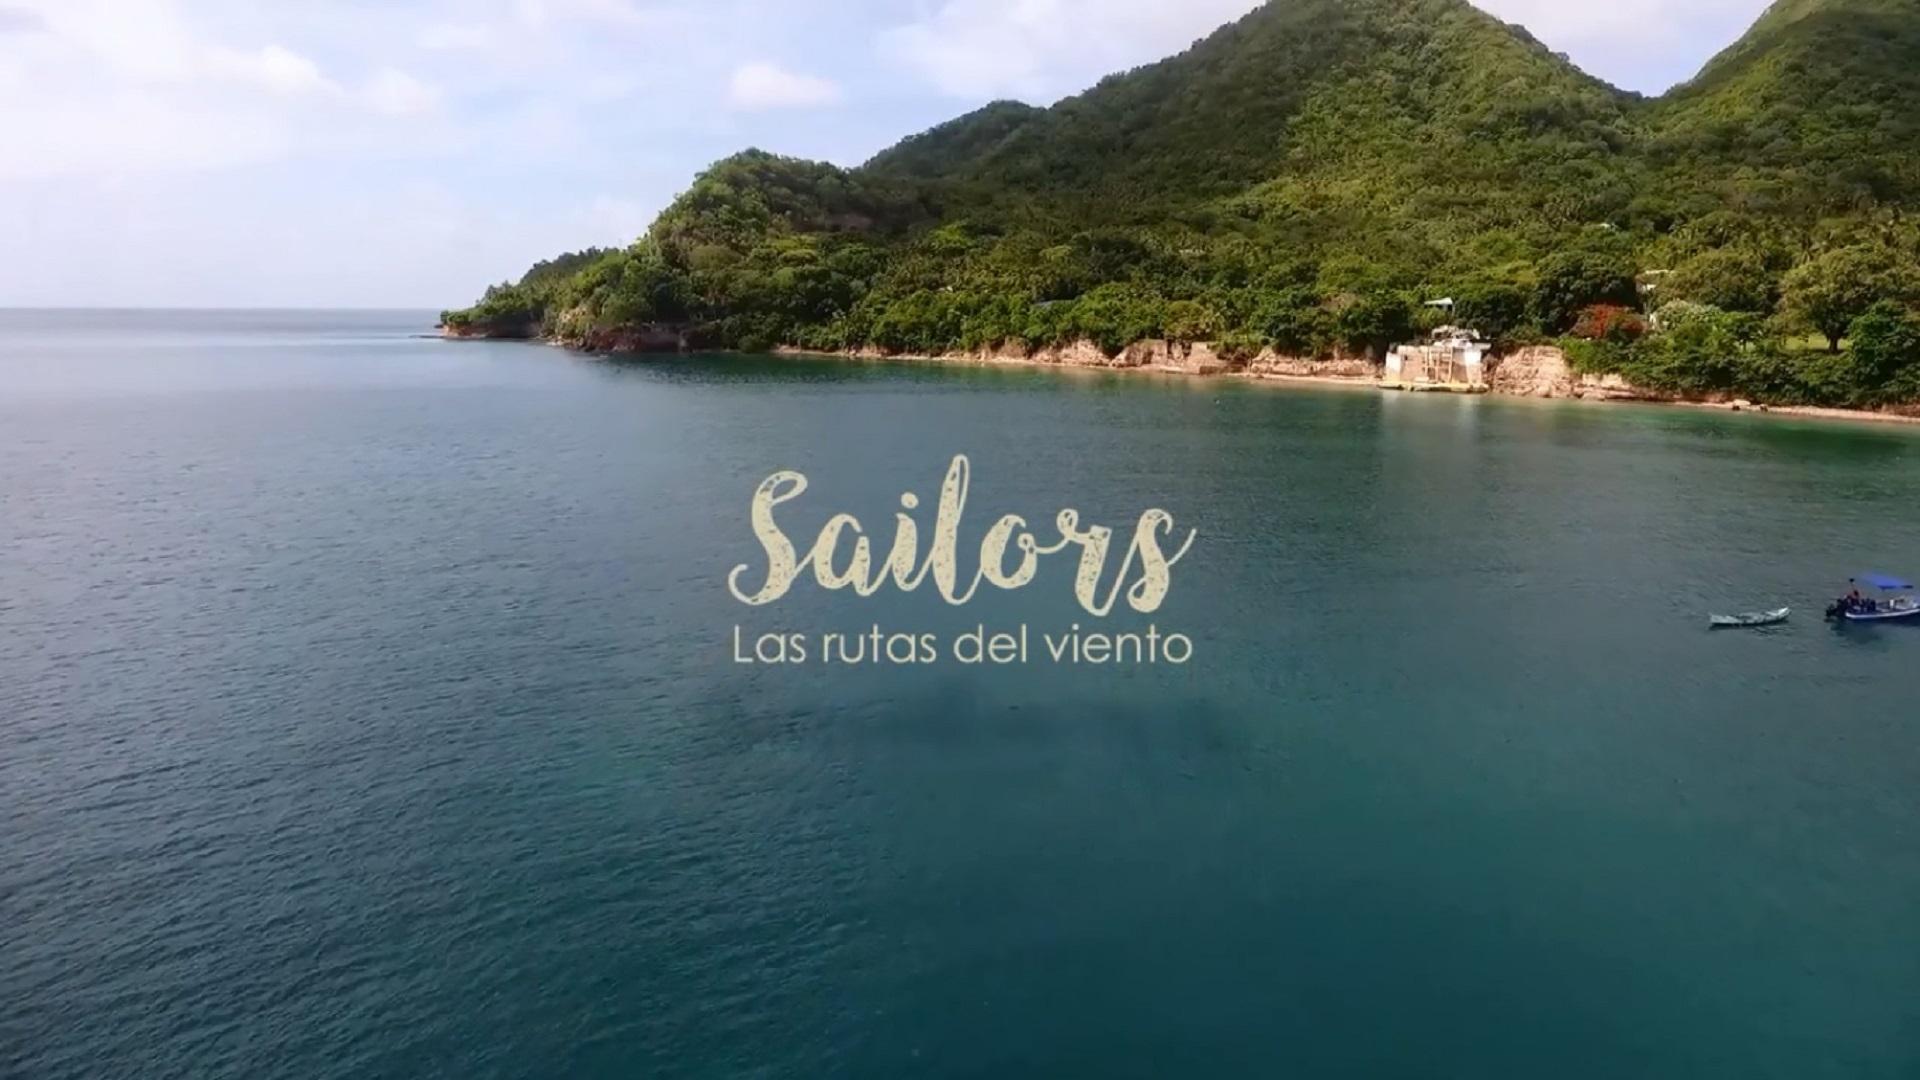 Sailors, las rutas del viento